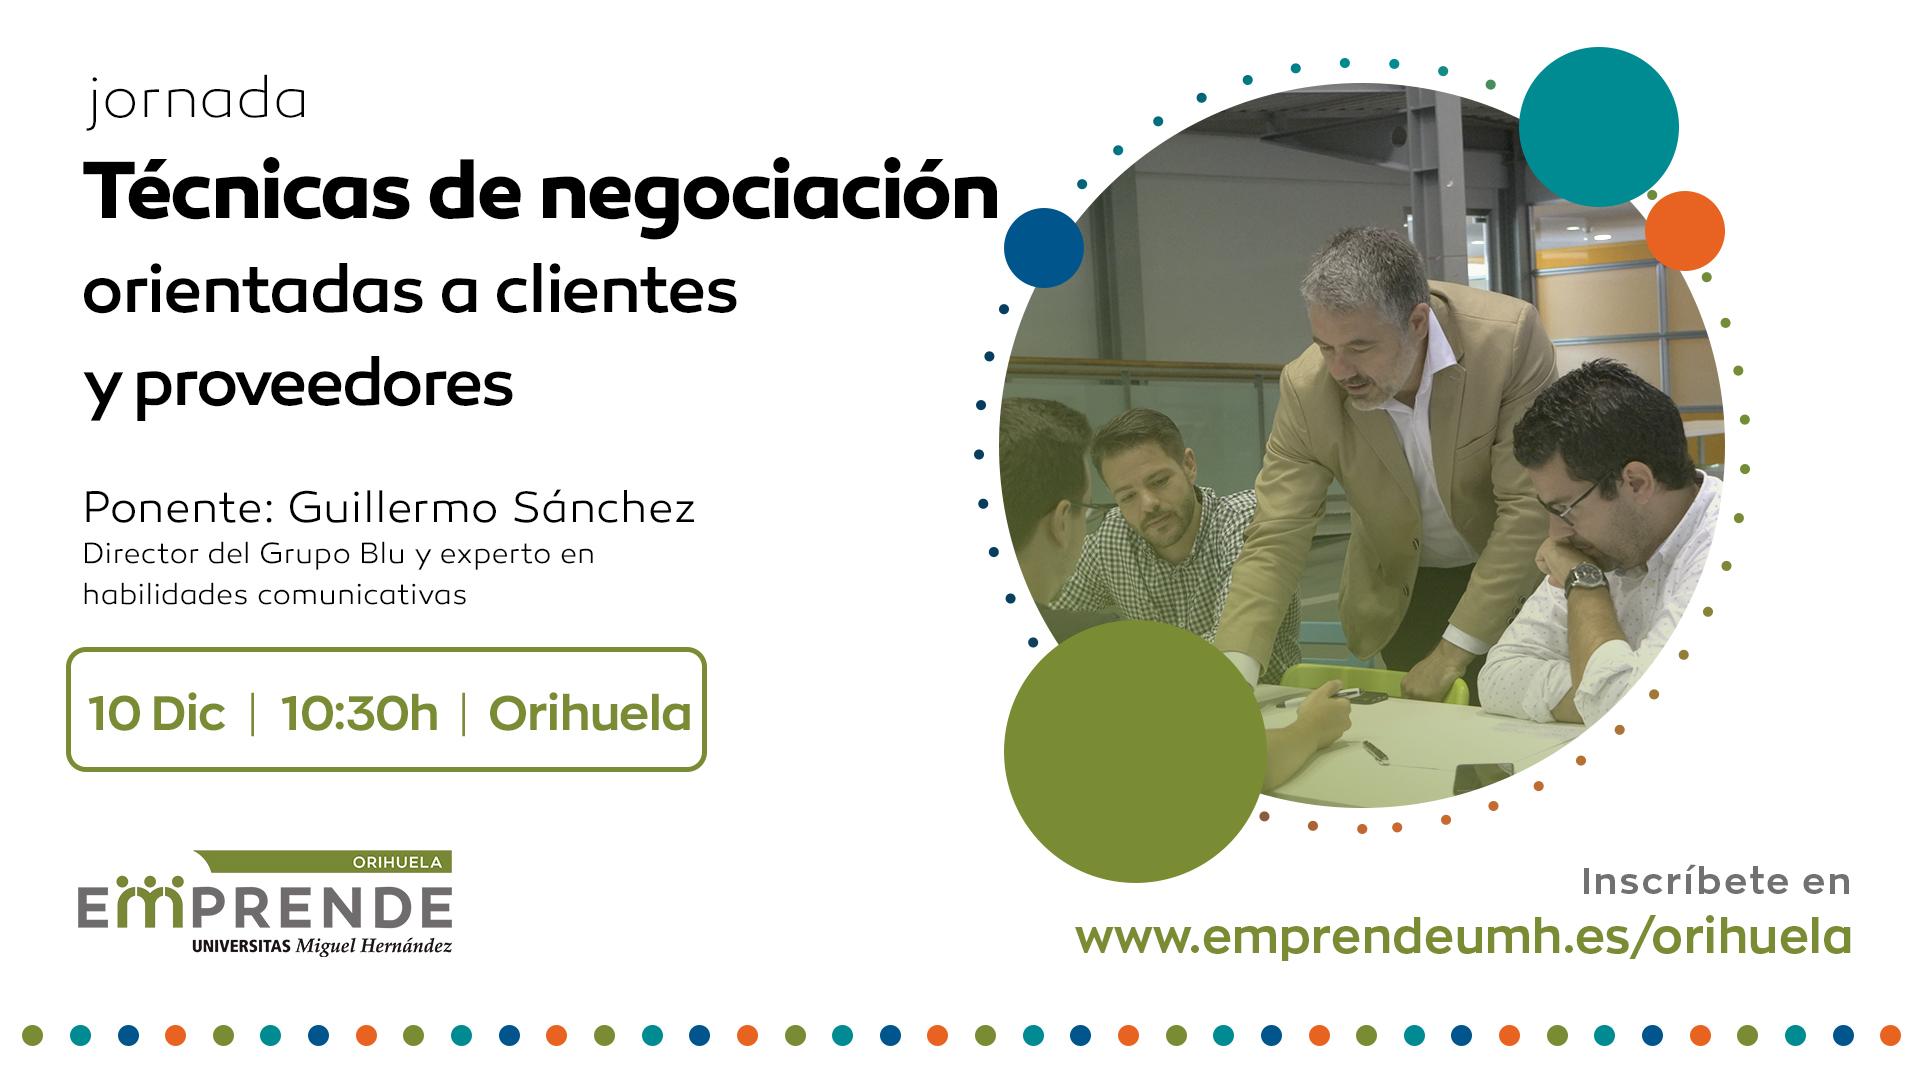 Técnicas de negociación orientada a clientes y proveedores